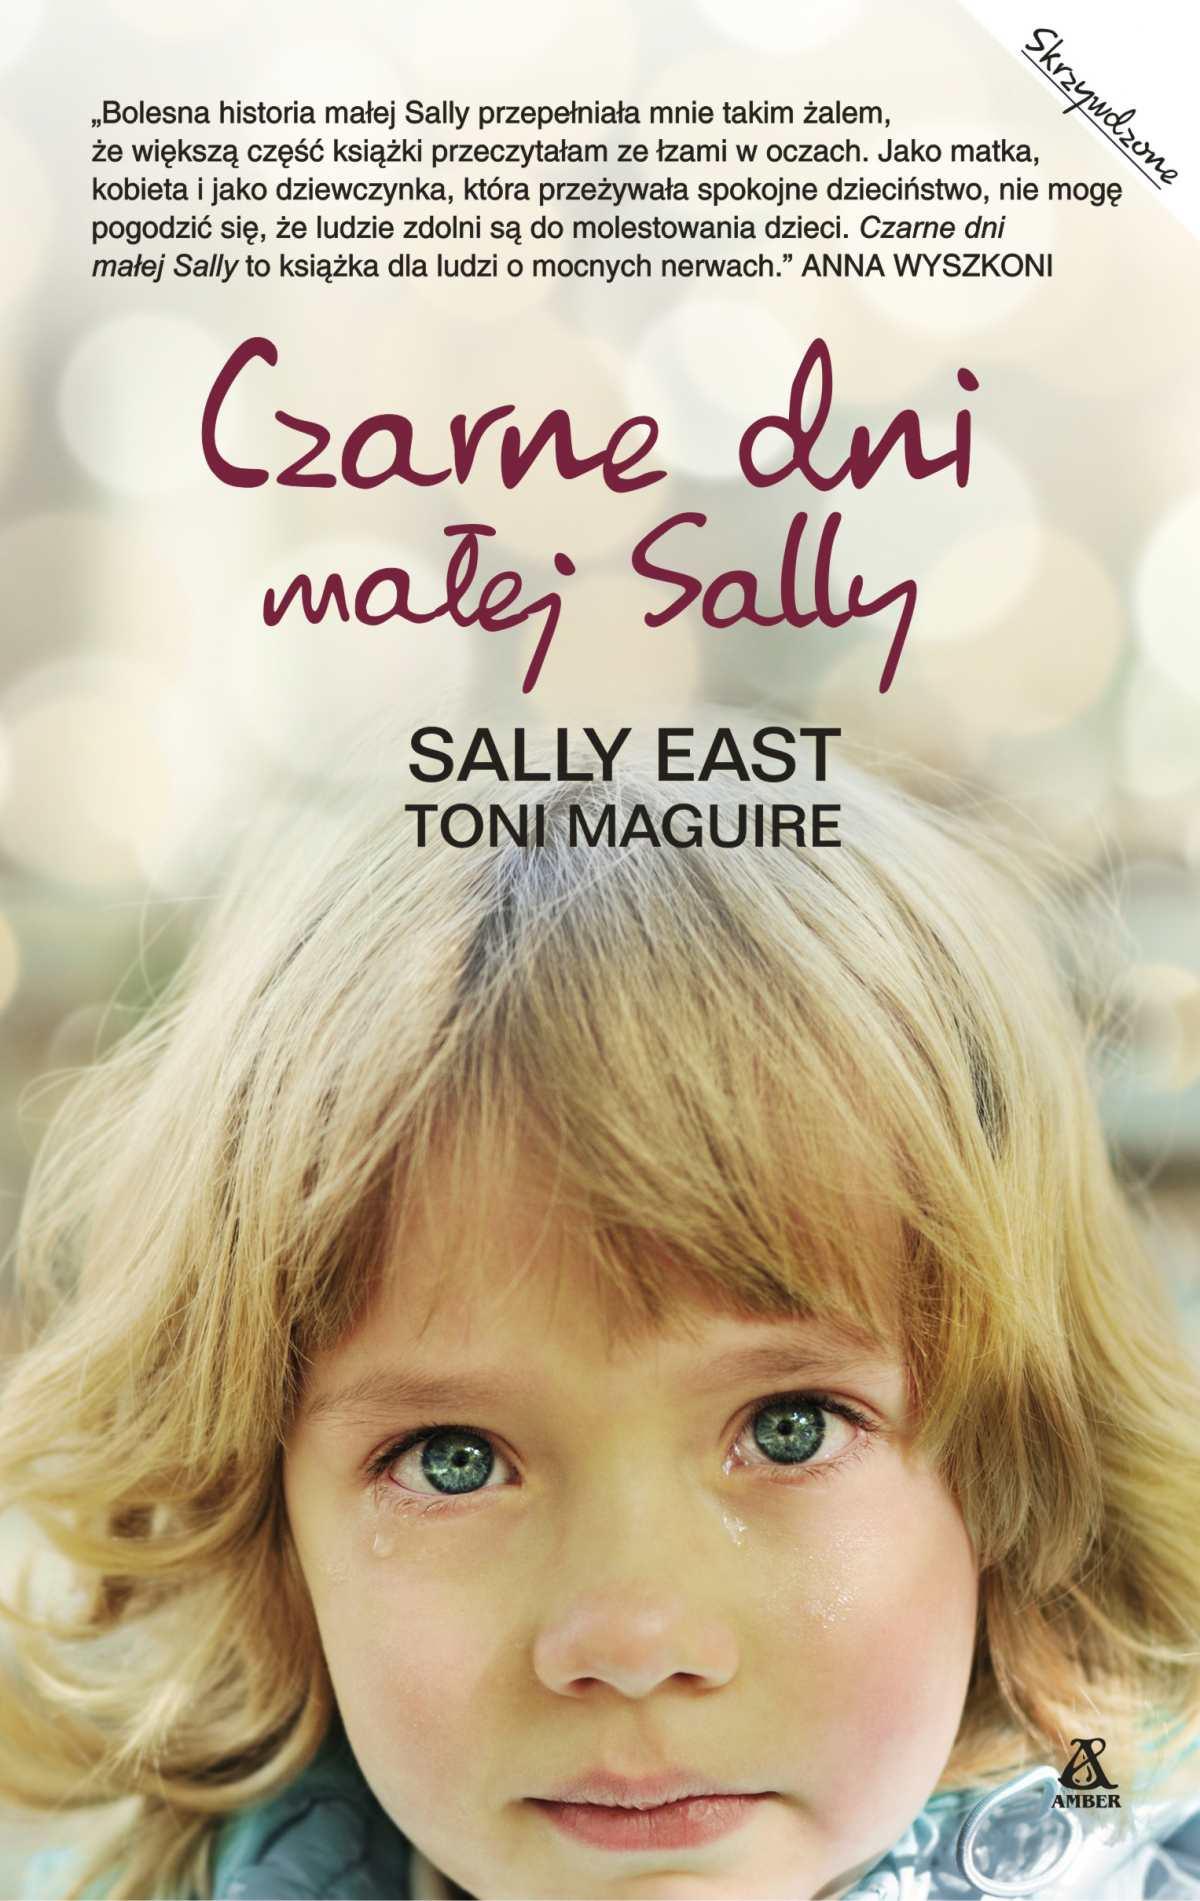 Czarne dni małej Sally - Ebook (Książka EPUB) do pobrania w formacie EPUB